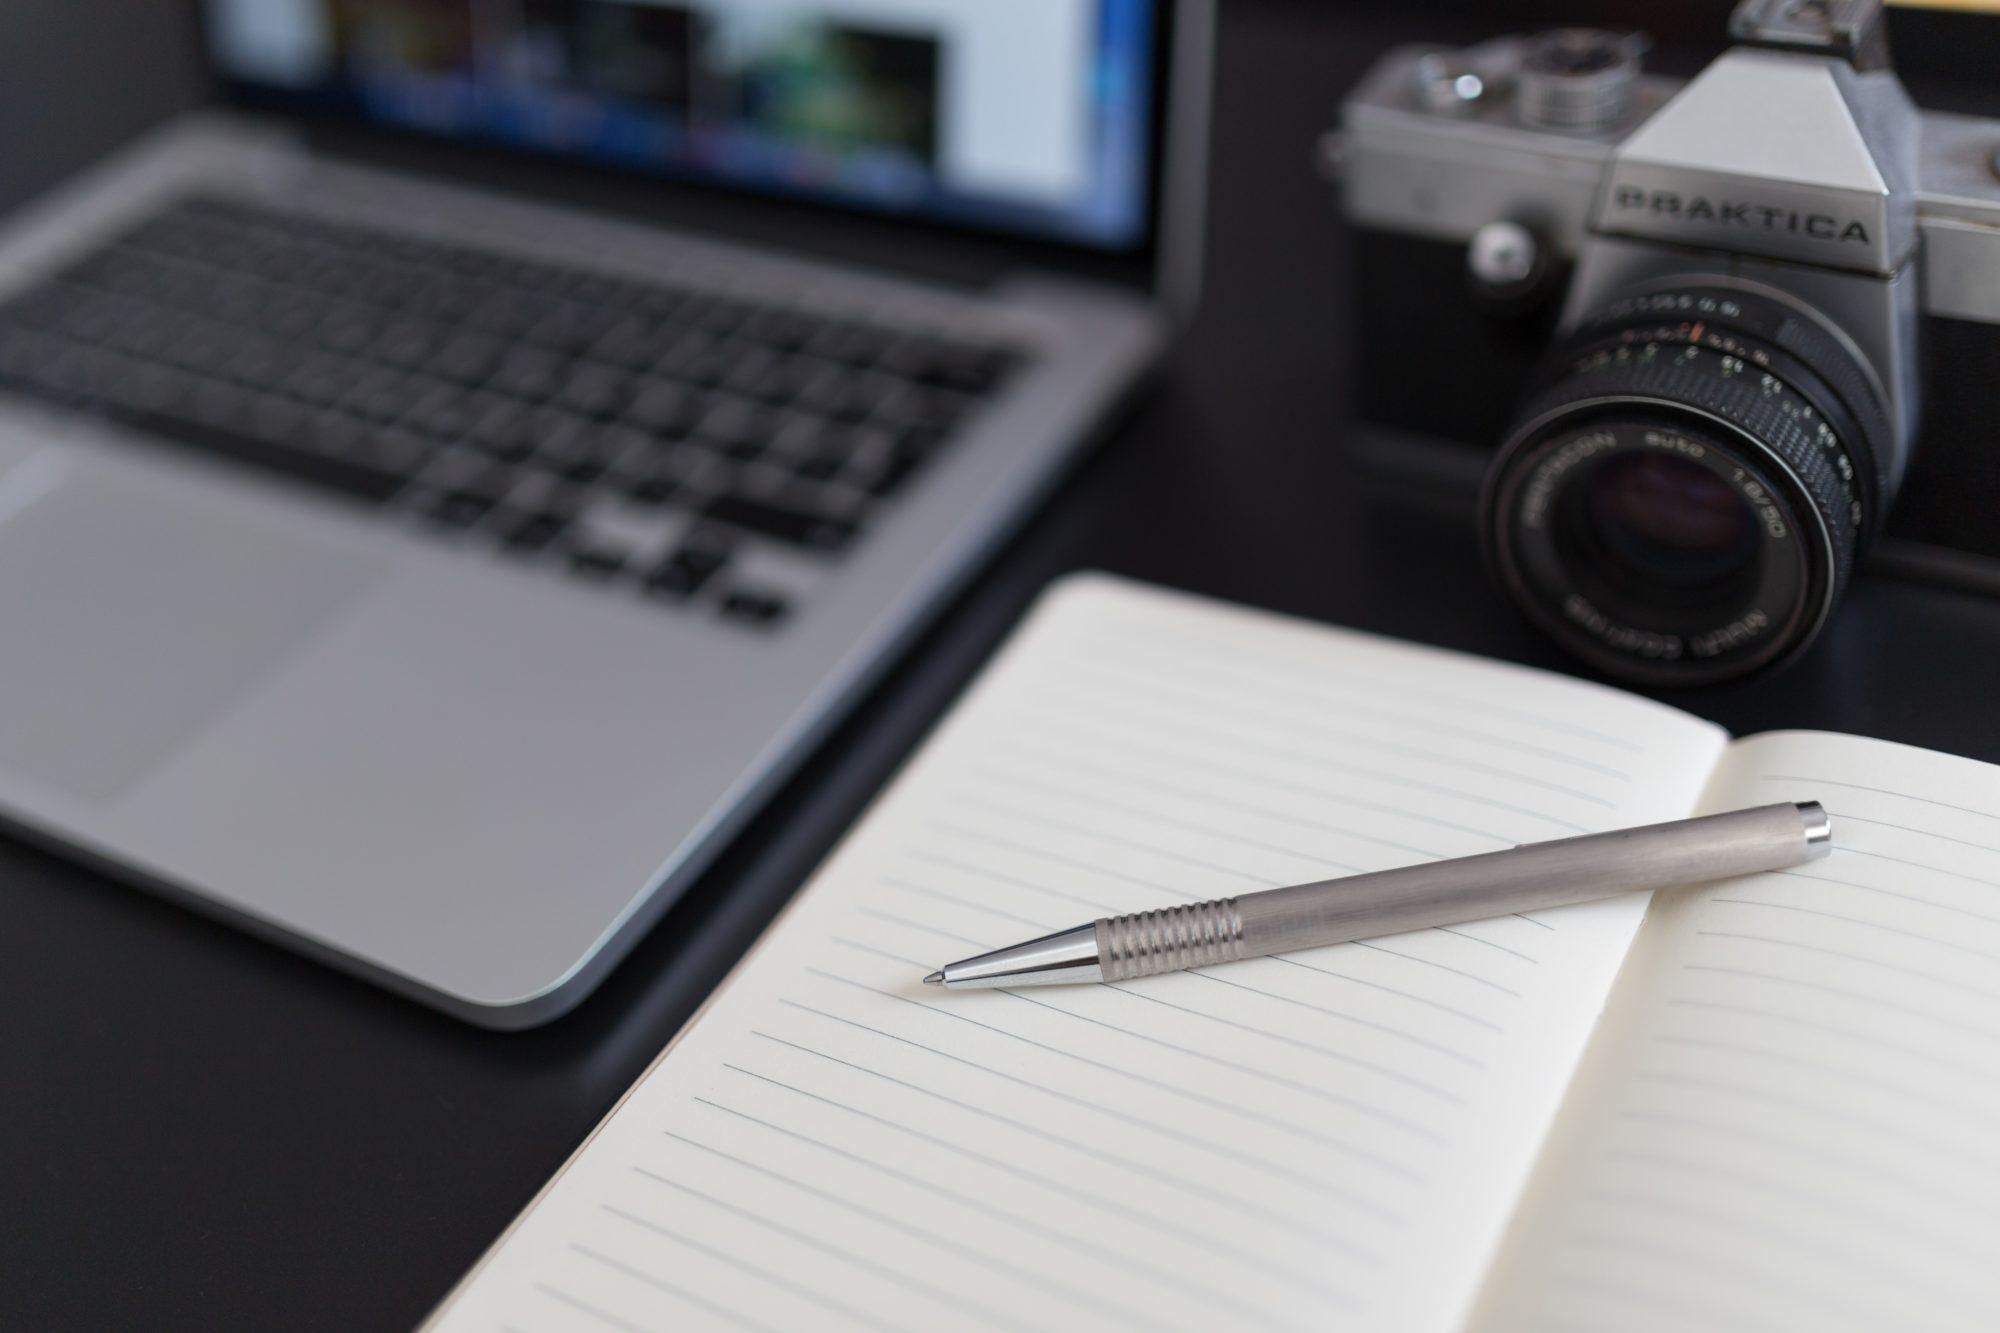 Filmprodukion, Kamera mit Laptop & Notizbuch, STRAINX